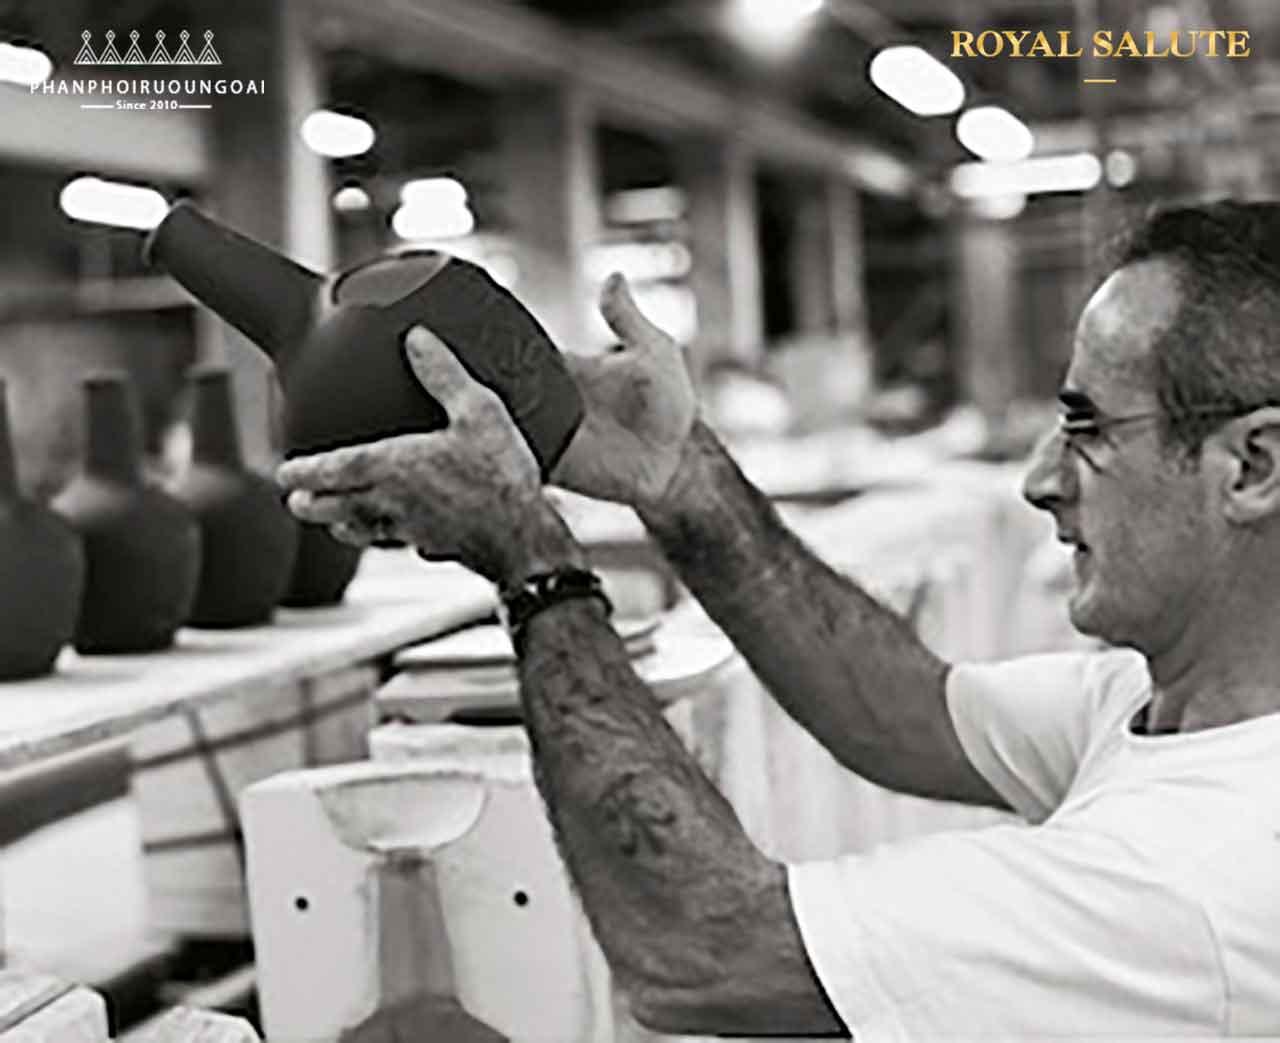 Những chai gốm được xem xét và lựa chọn tỉ mỷ bởi các thợ thủ công tài hoa